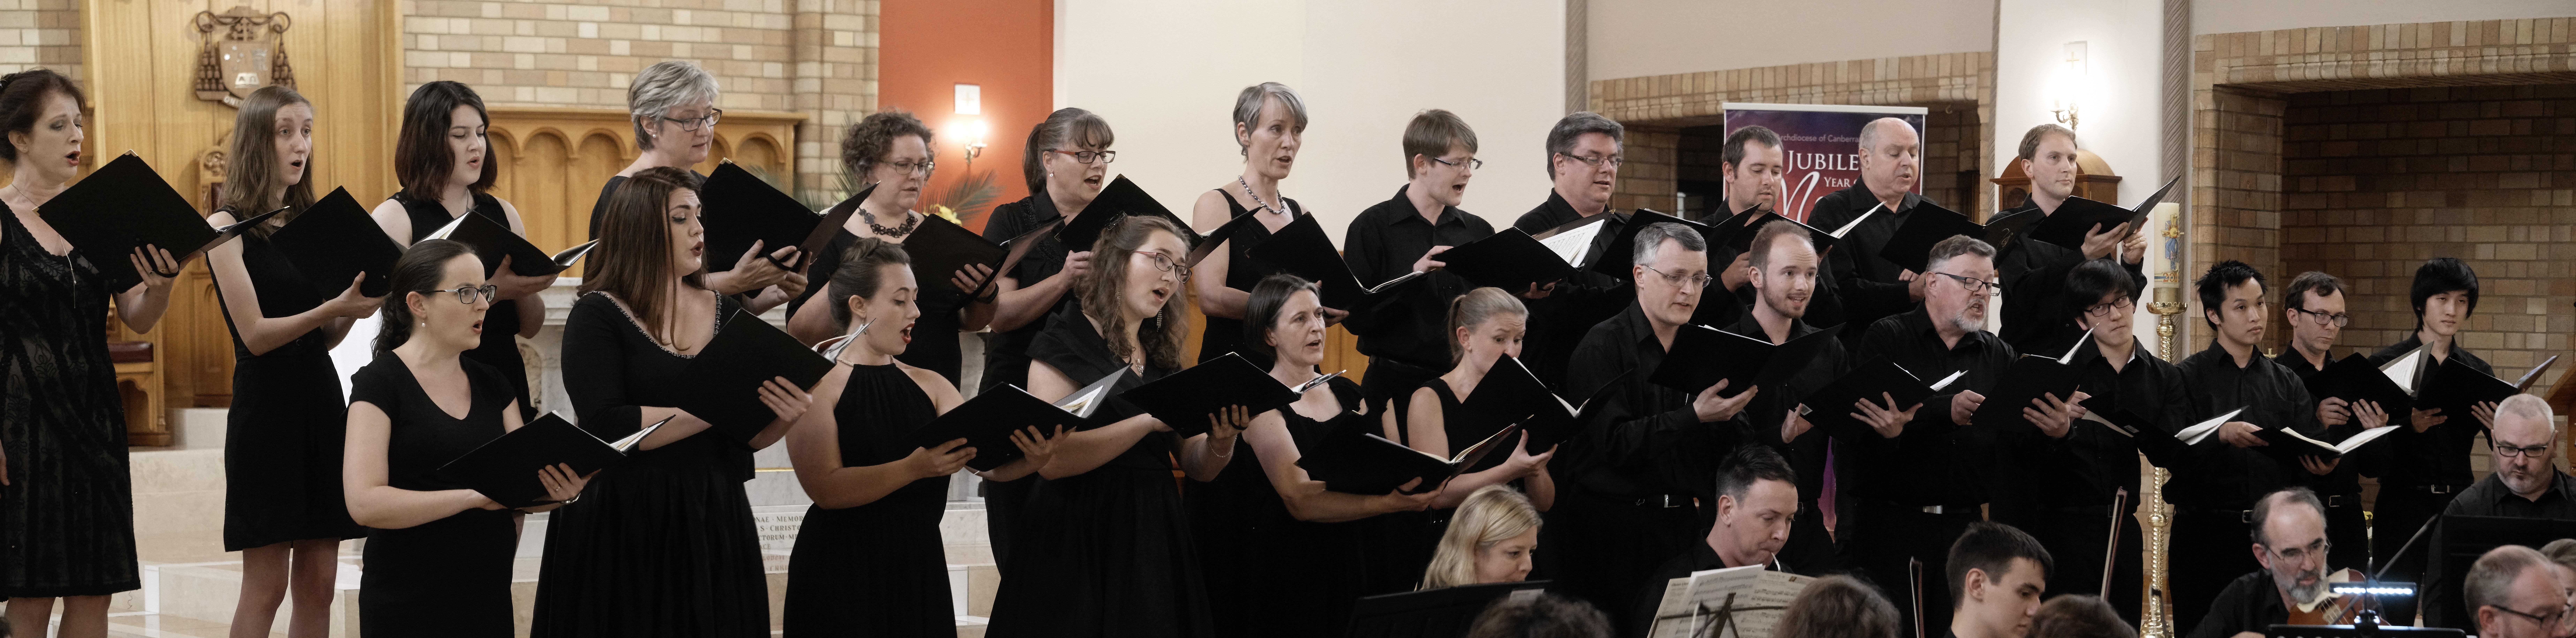 Canberra Bach Ensemble, Choir